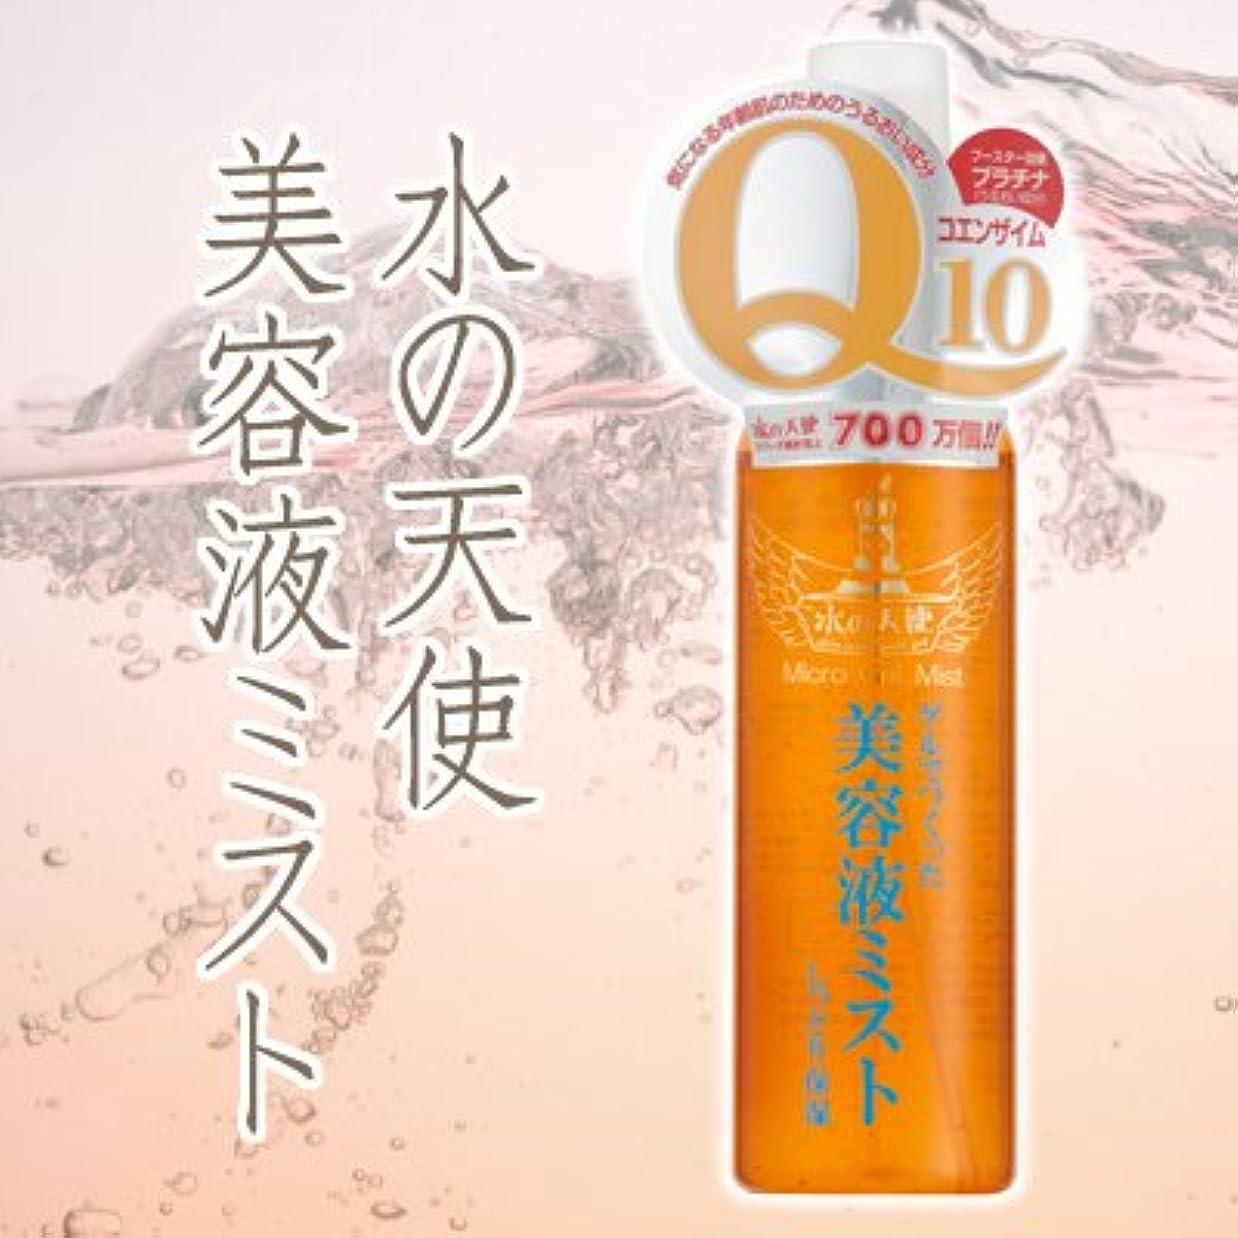 水の天使美容液ミスト 120ml 2個セット ※あの「水の天使」シリーズから美容液ミストが新登場!